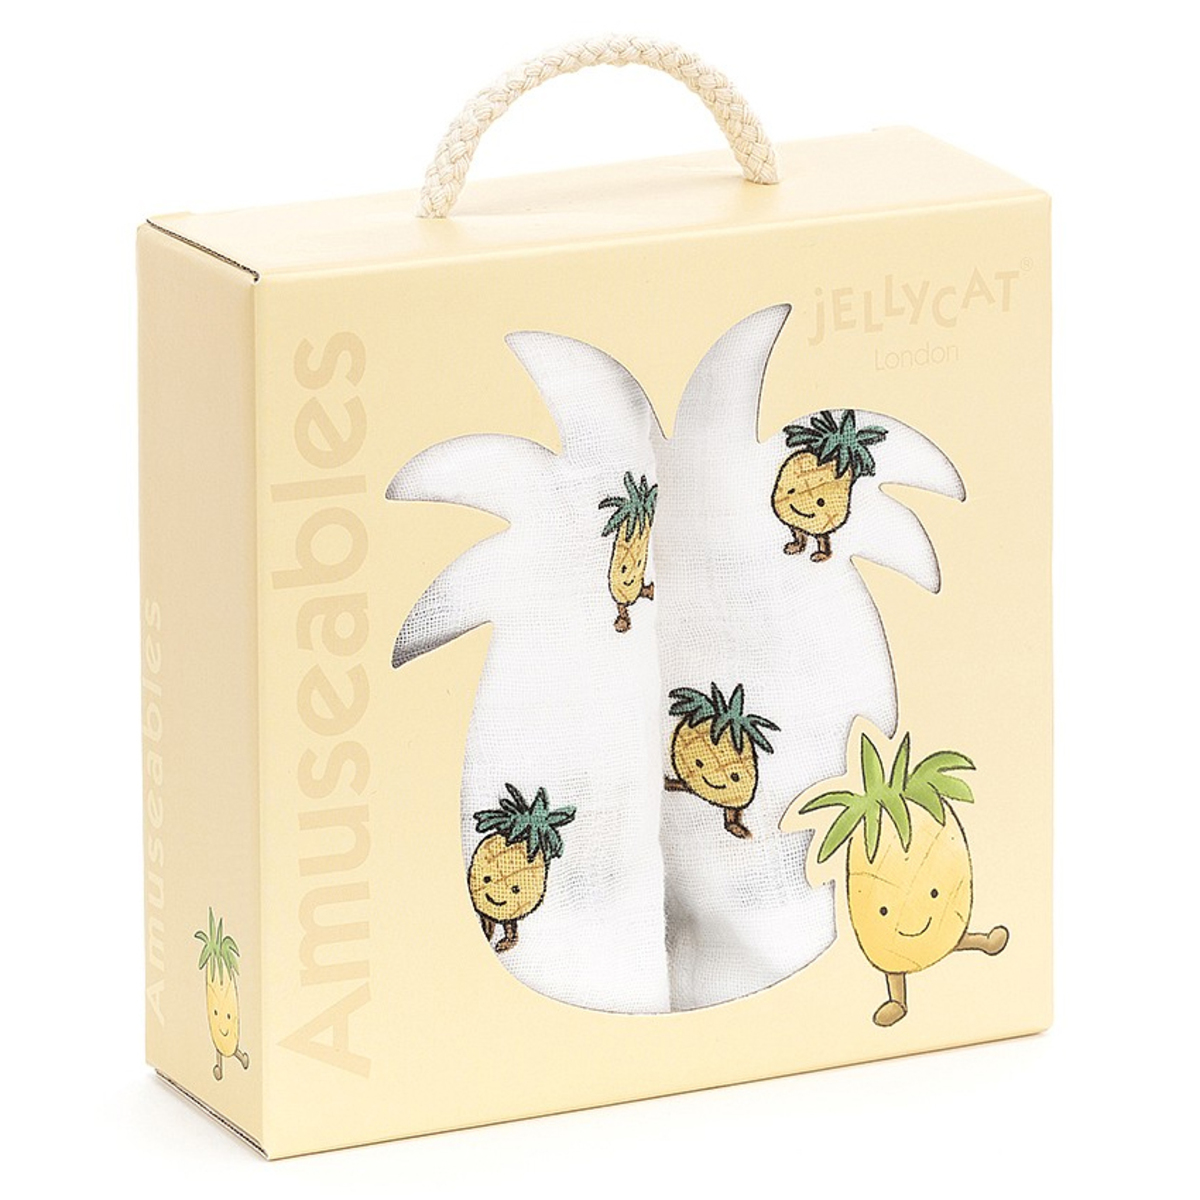 Lange Coffret de 2 Langes - Amuseable Pineapple